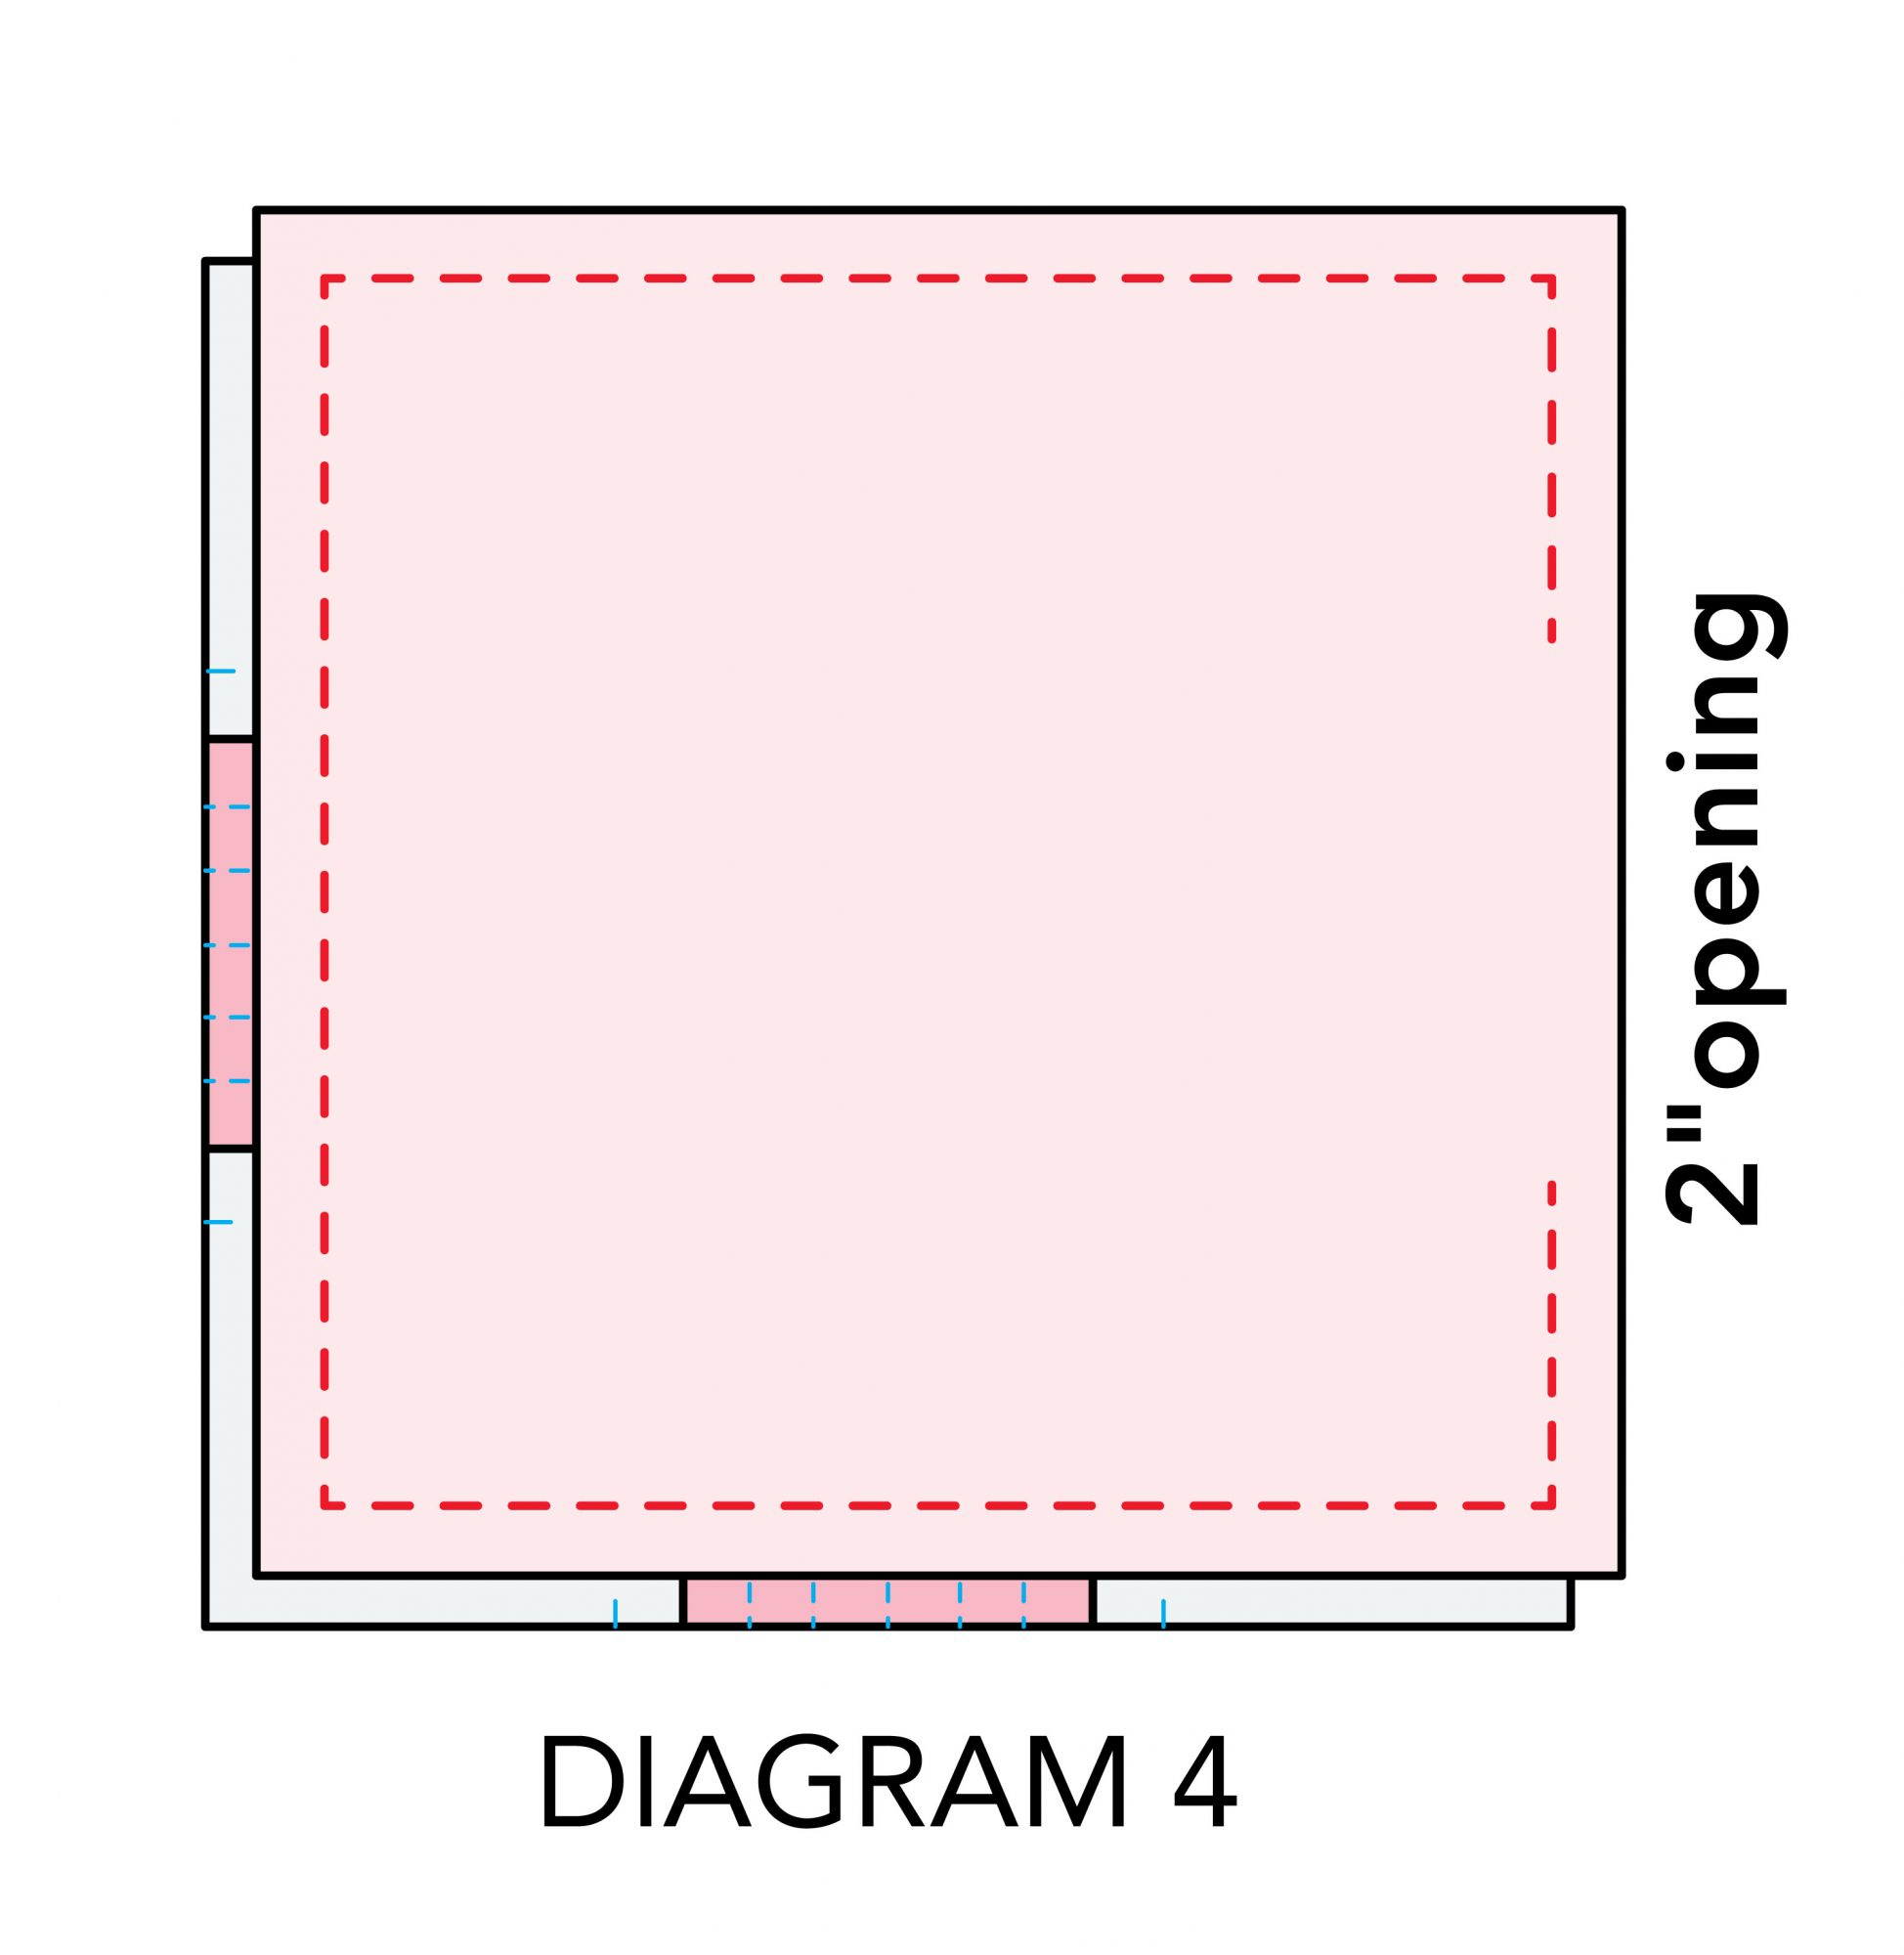 Plus Pincushions diagram 4